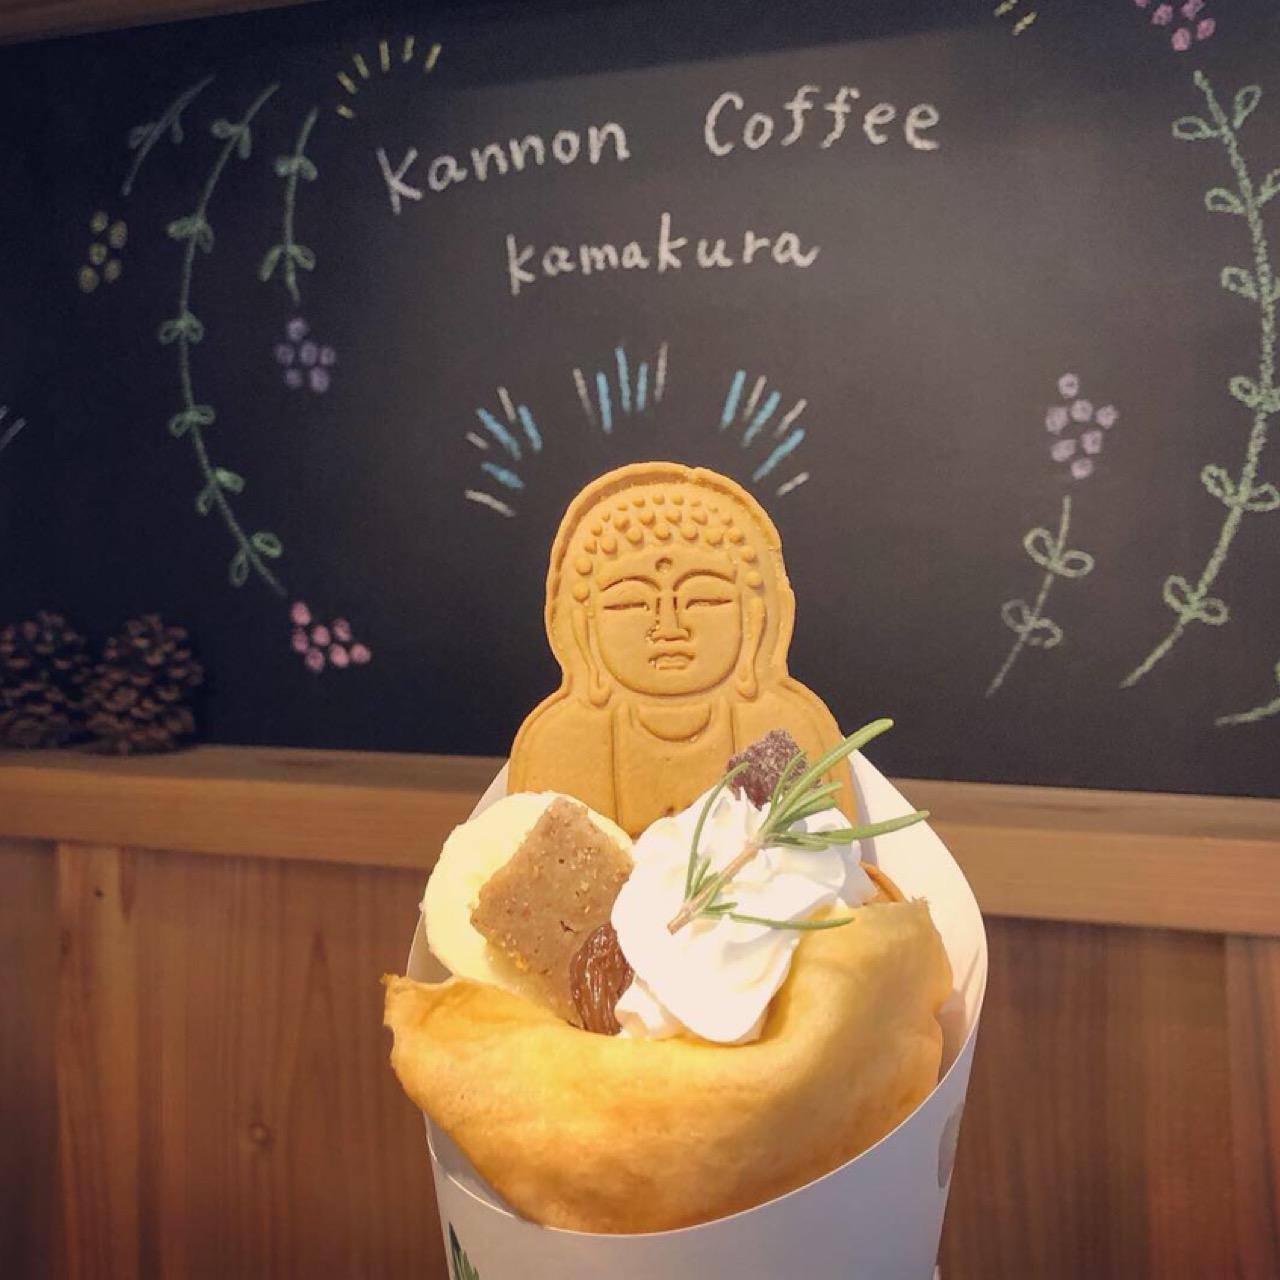 <神奈川*鎌倉>大仏のビスケットがかわいすぎる♡人気コーヒースタンドでいただくクレープが絶品!♡_2